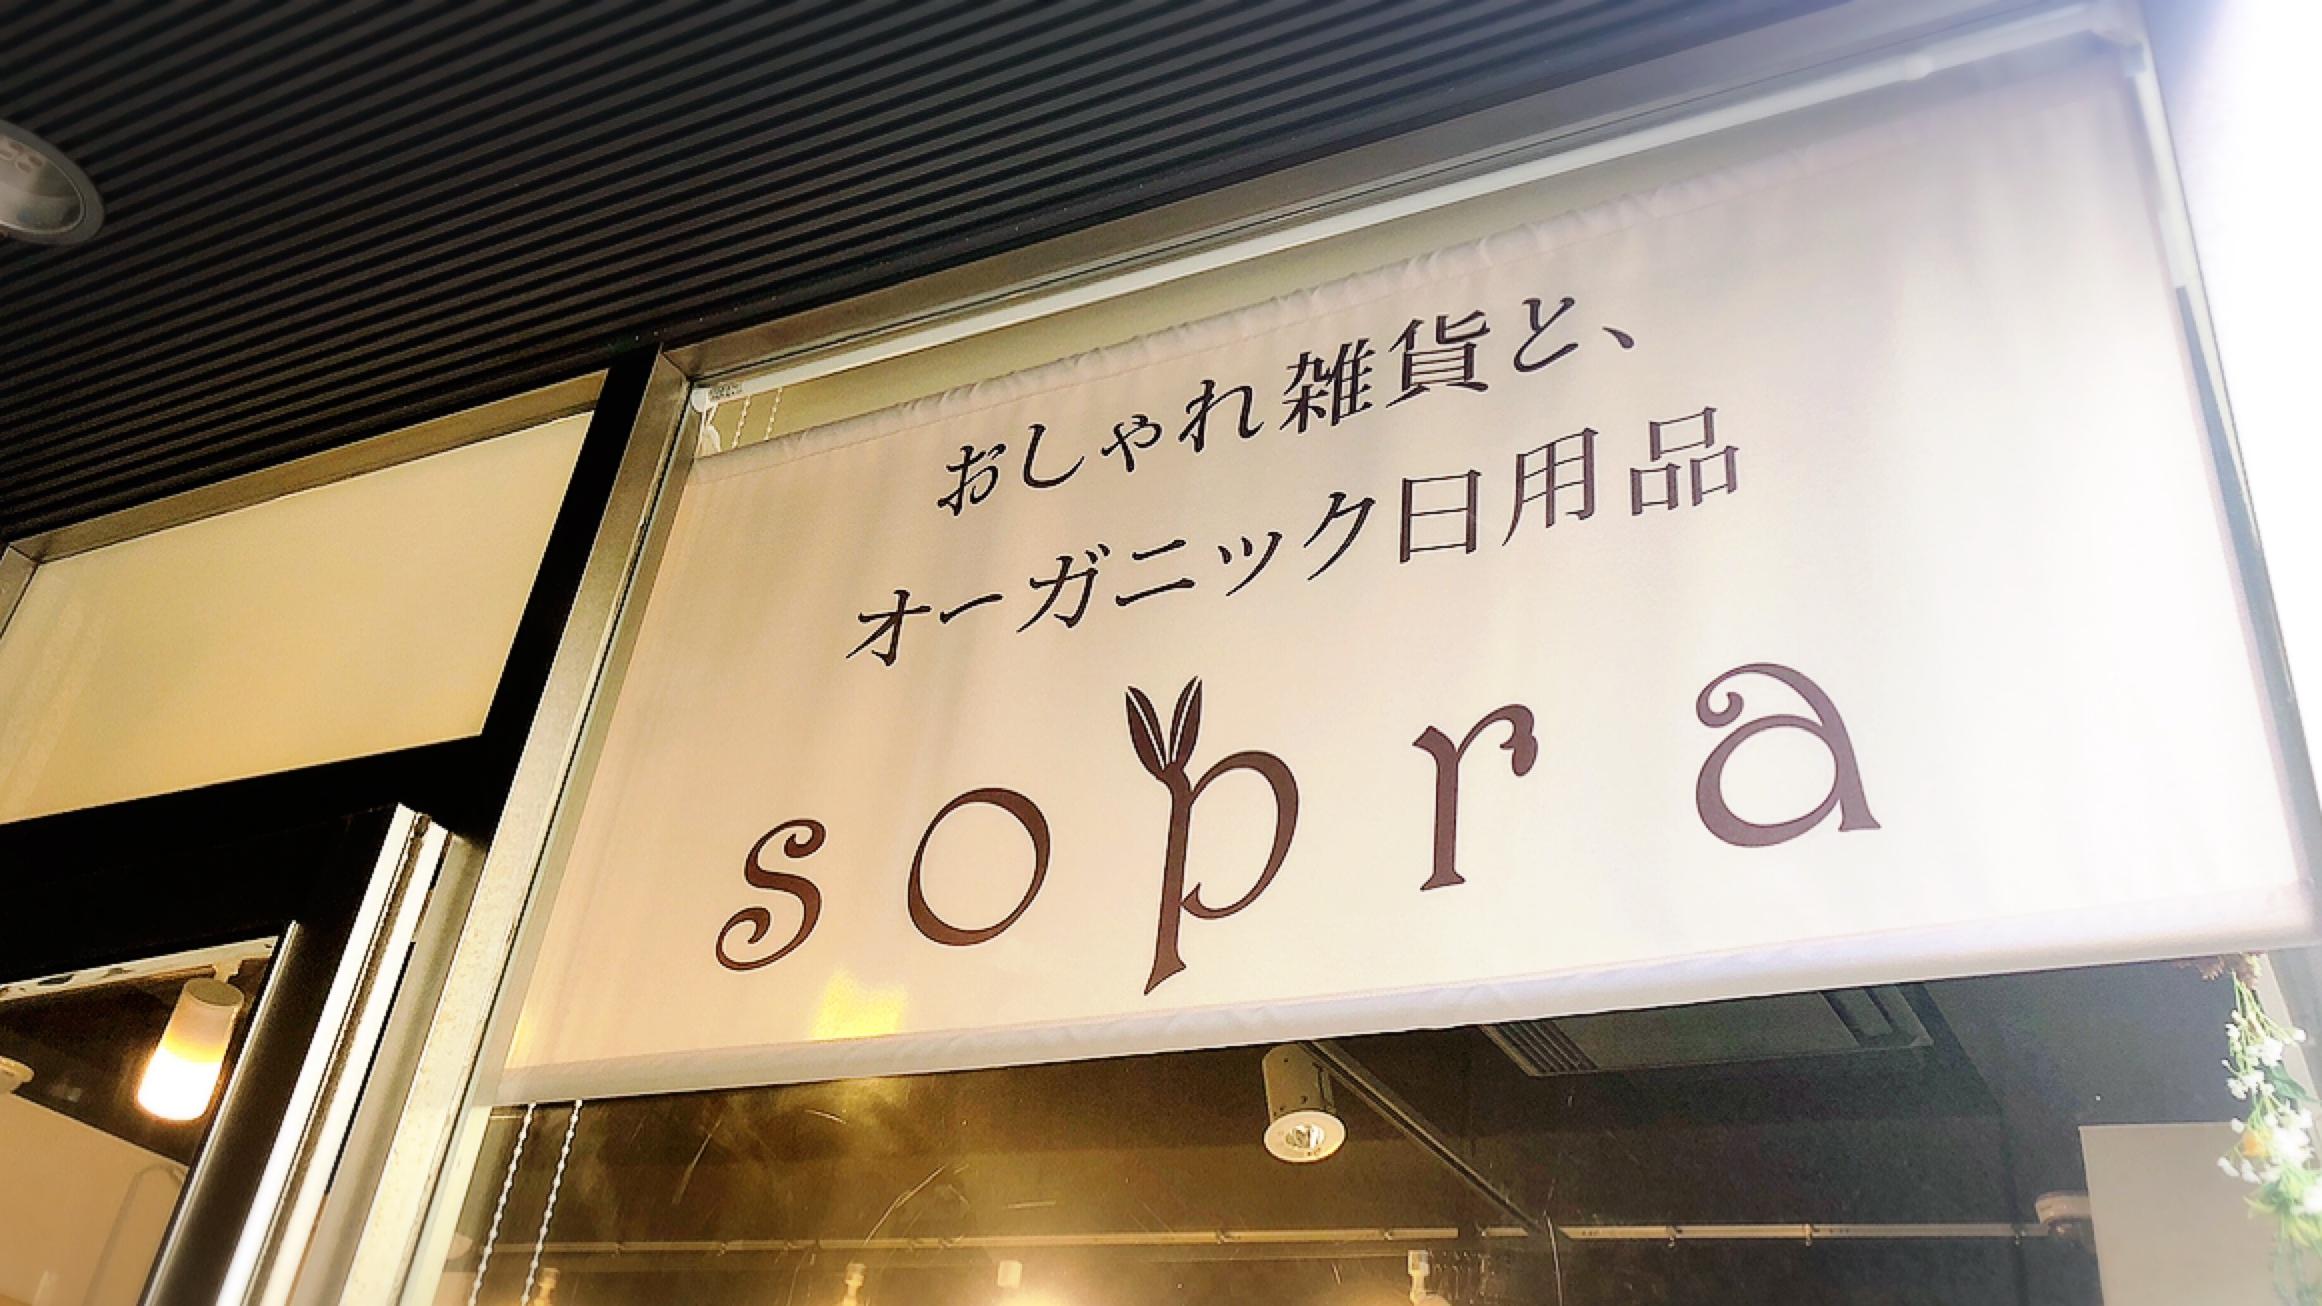 【新橋・汐留】《sopra(ソプラ)》イタリア街にあるお洒落セレクトショップ*手作りアクセにオーガニックコスメが◎_9